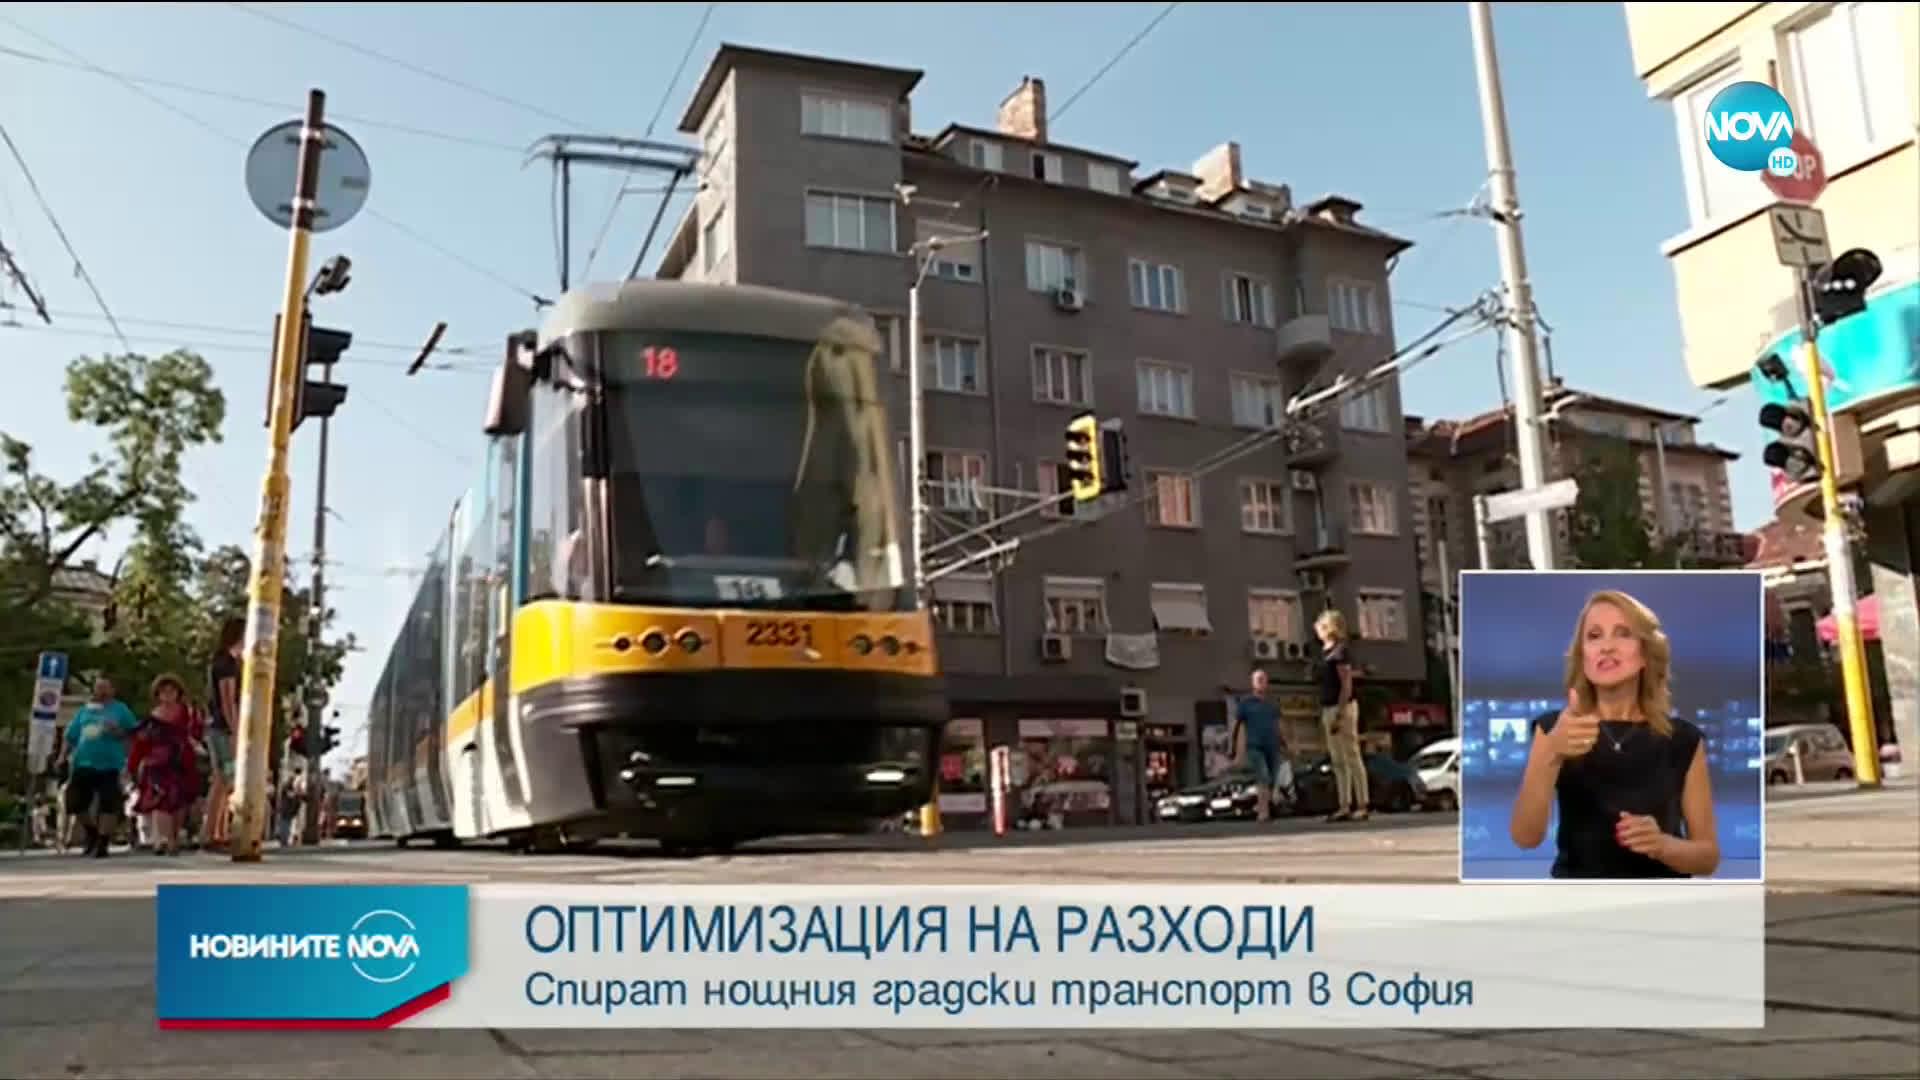 Спират нощния градския транспорт в София